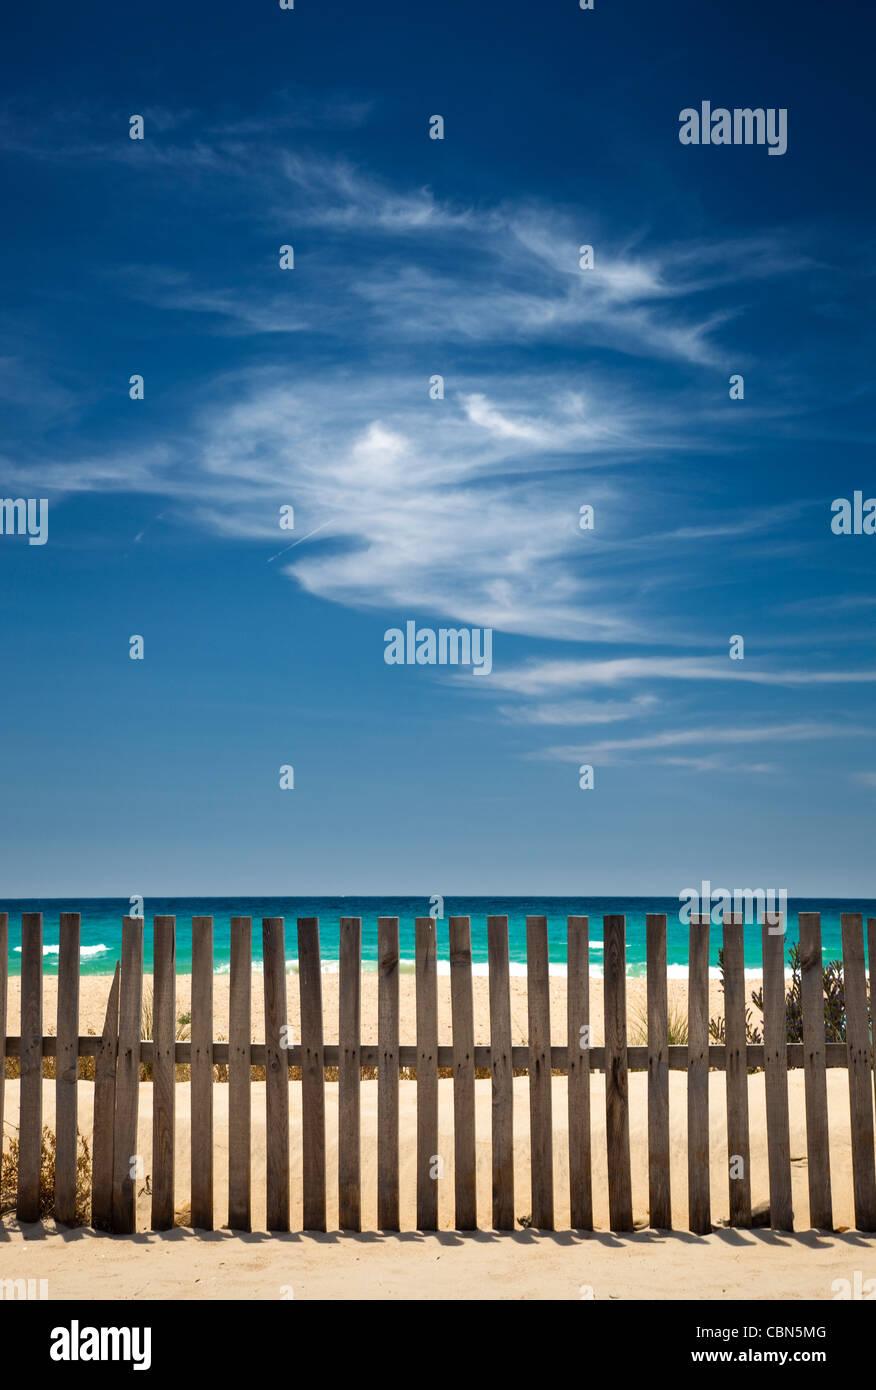 Himmel mit Wolken am Strand mit einem Holzzaun Stockbild